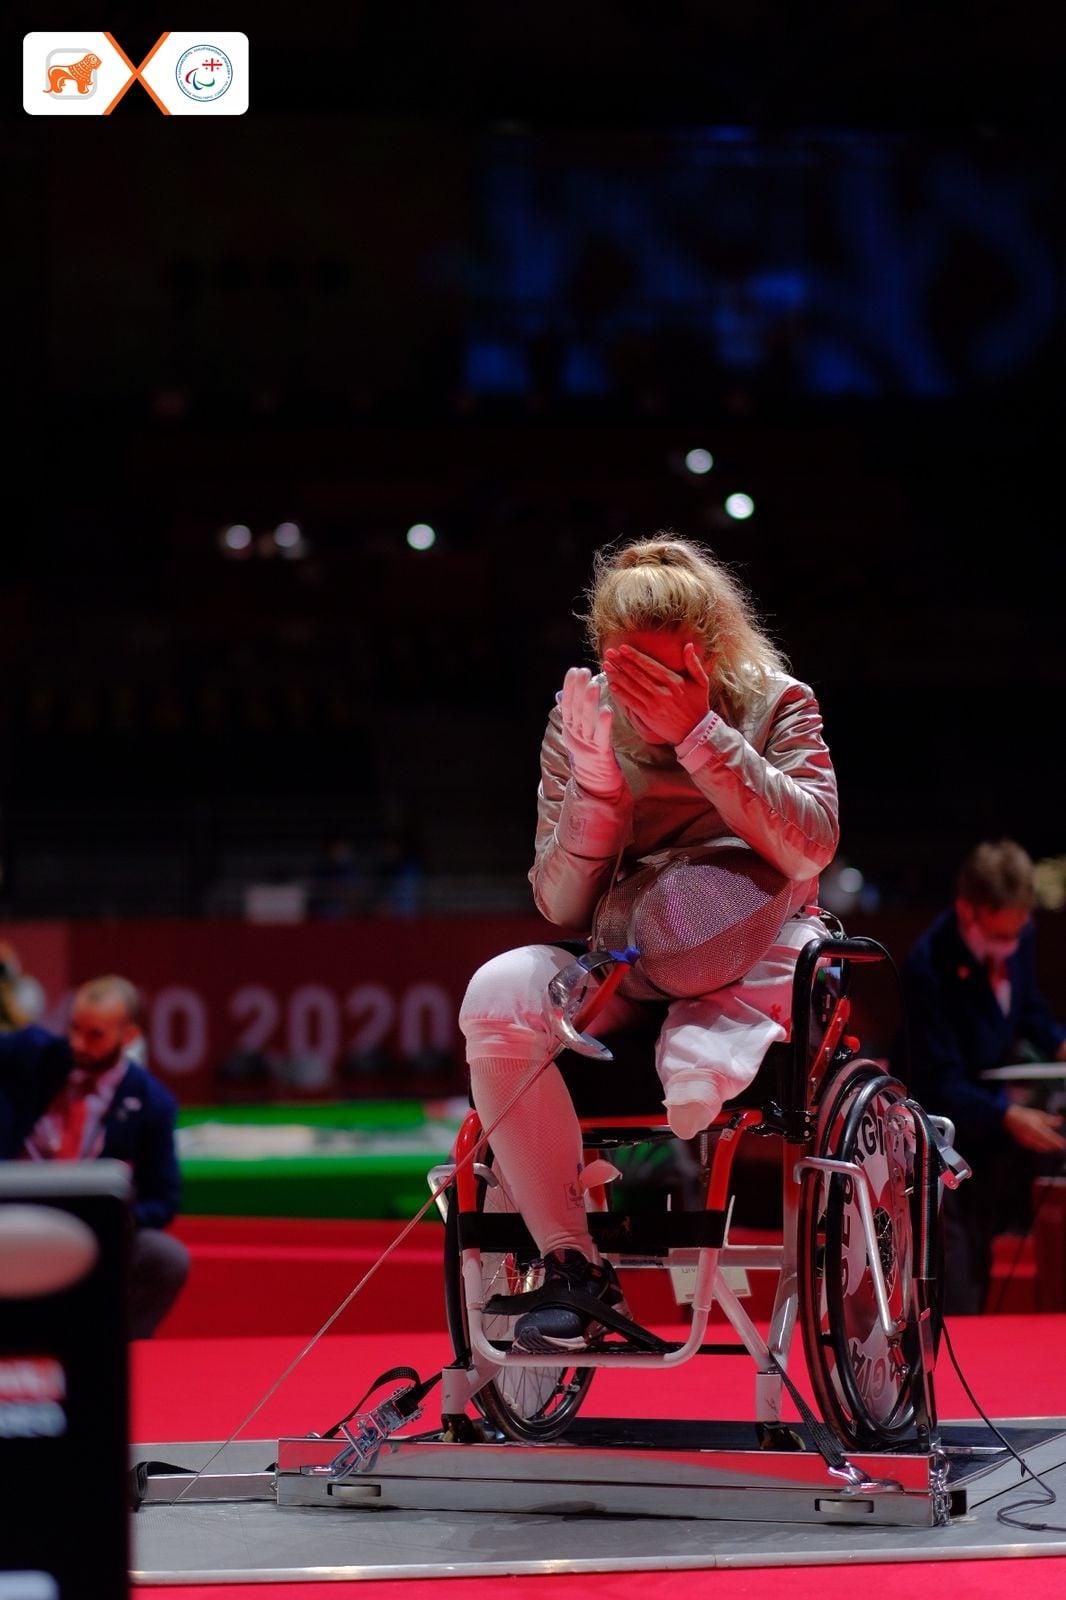 240590688 6113706228671877 3000658329072206388 n #новости Нино Тибилашвили, паралимпиада в Токио, спорт, фехтование